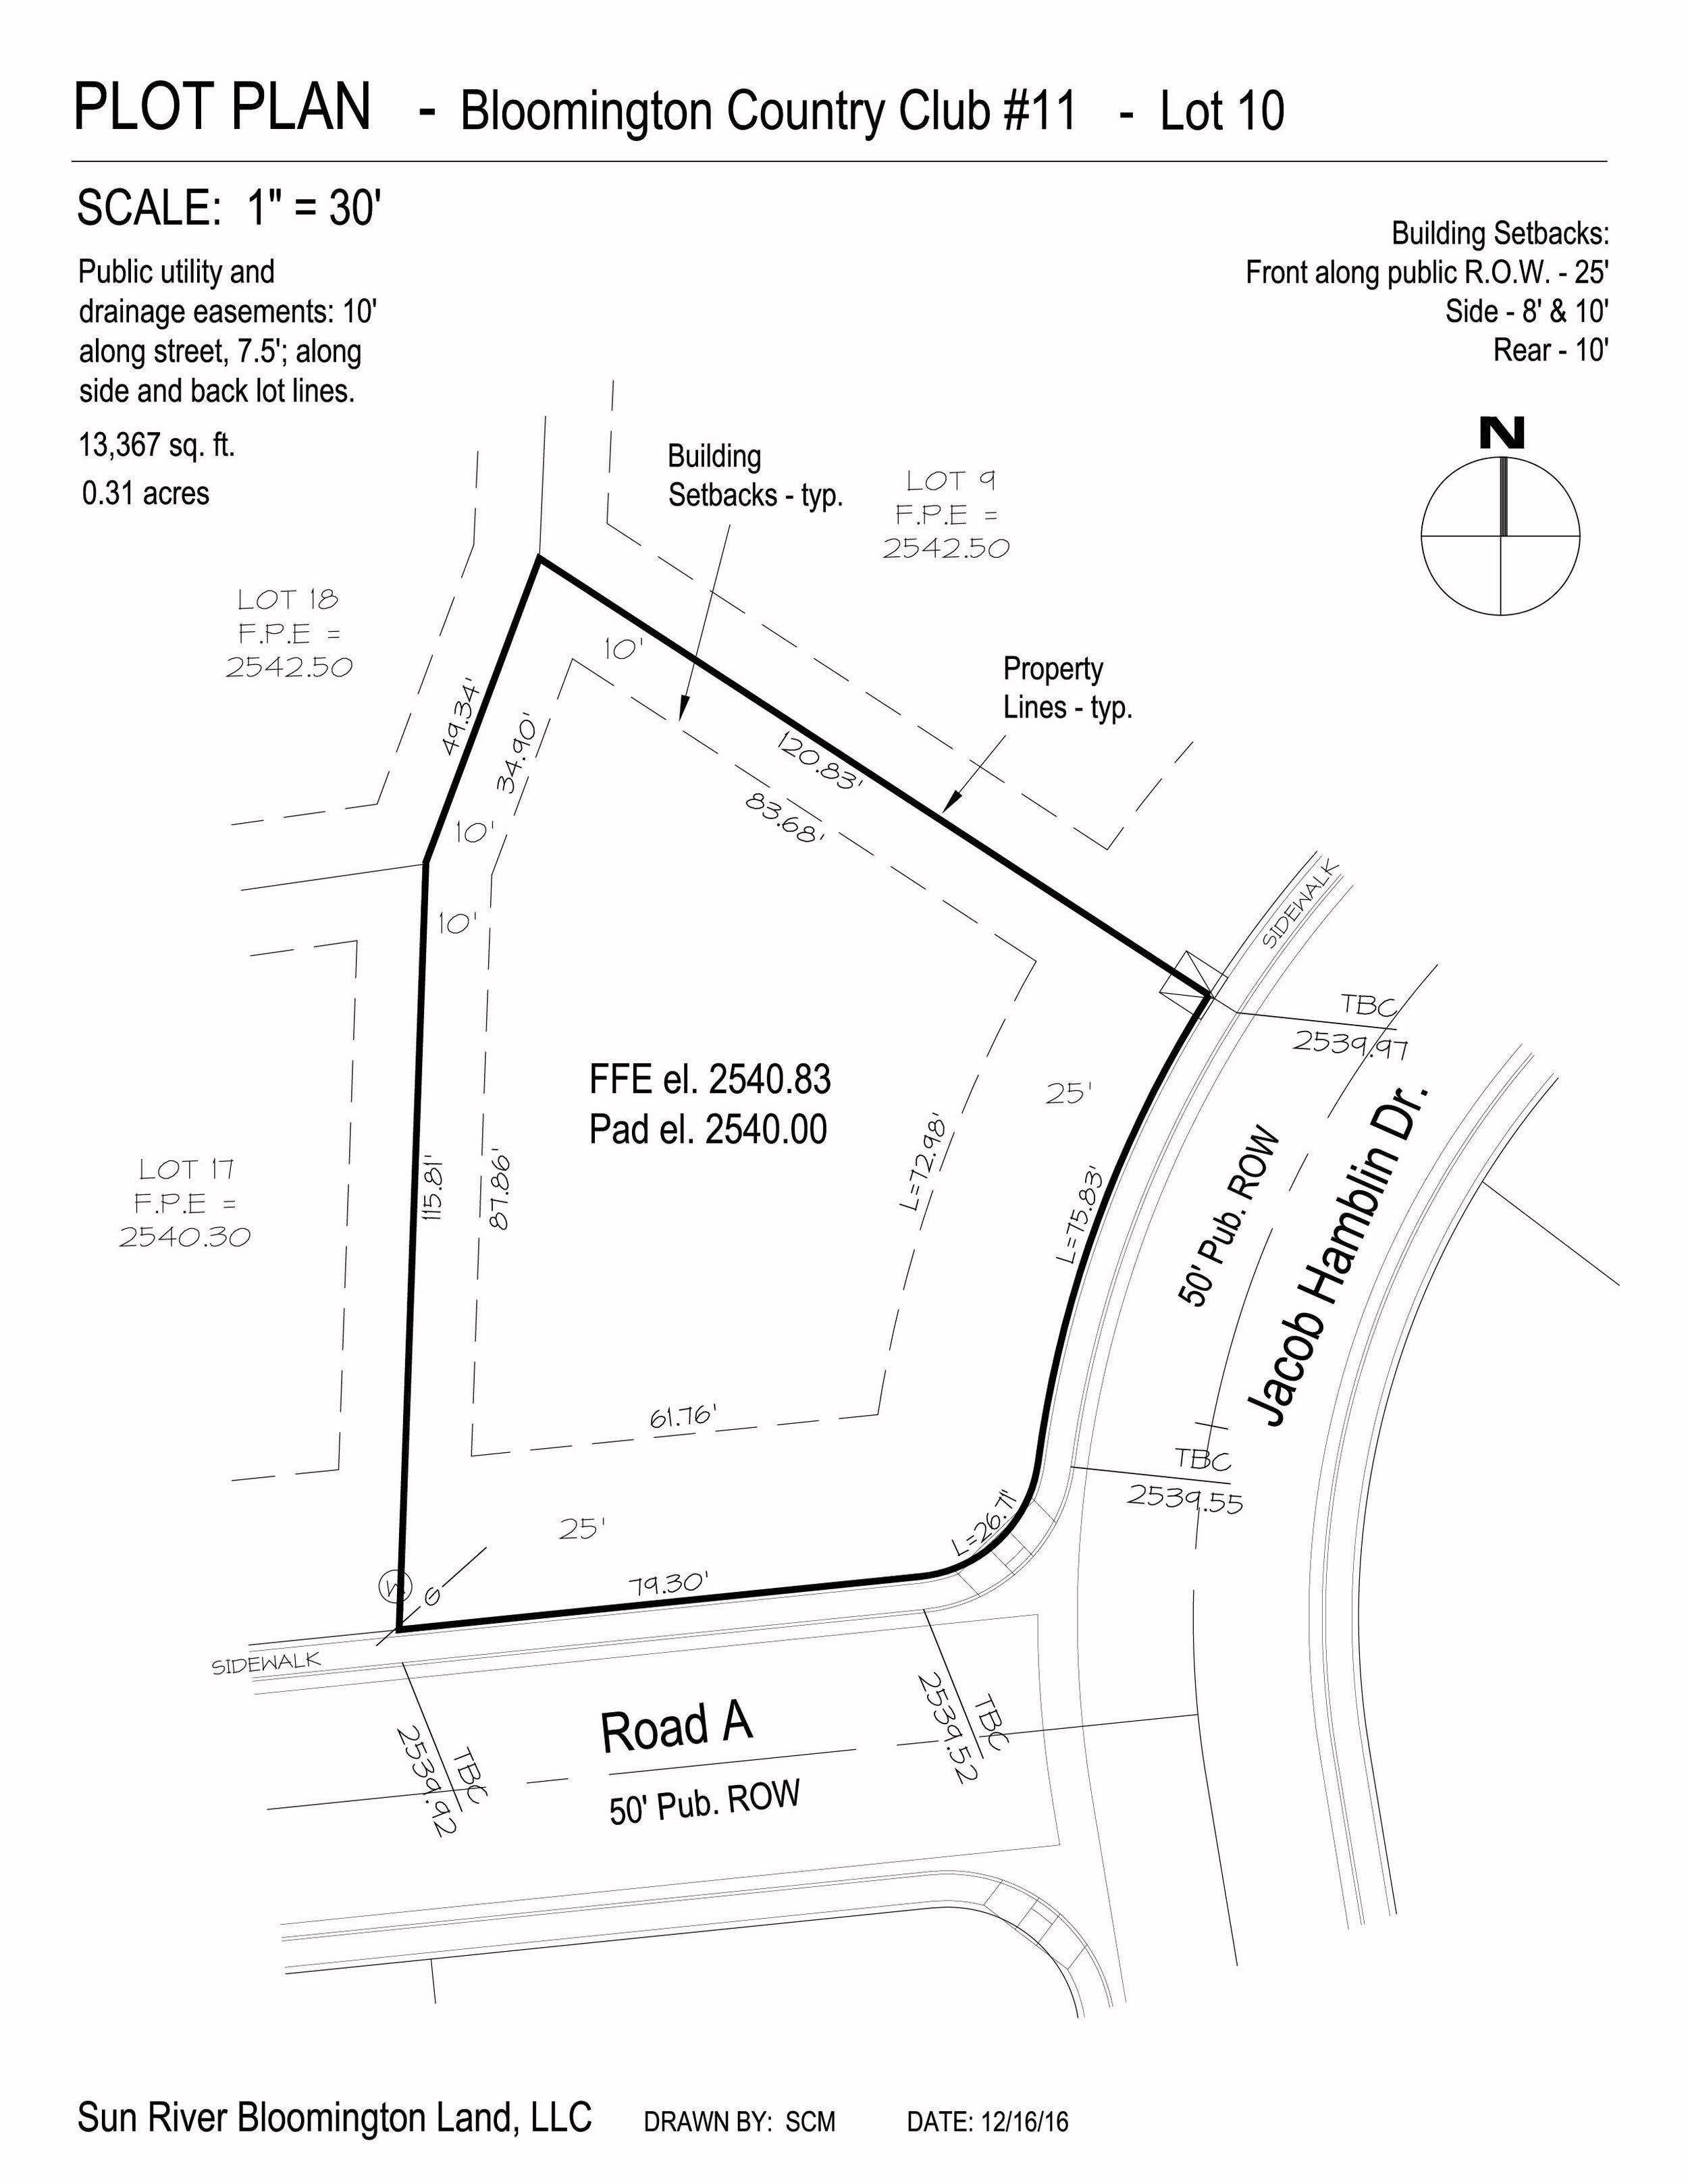 hamblin plot plans-10.jpg